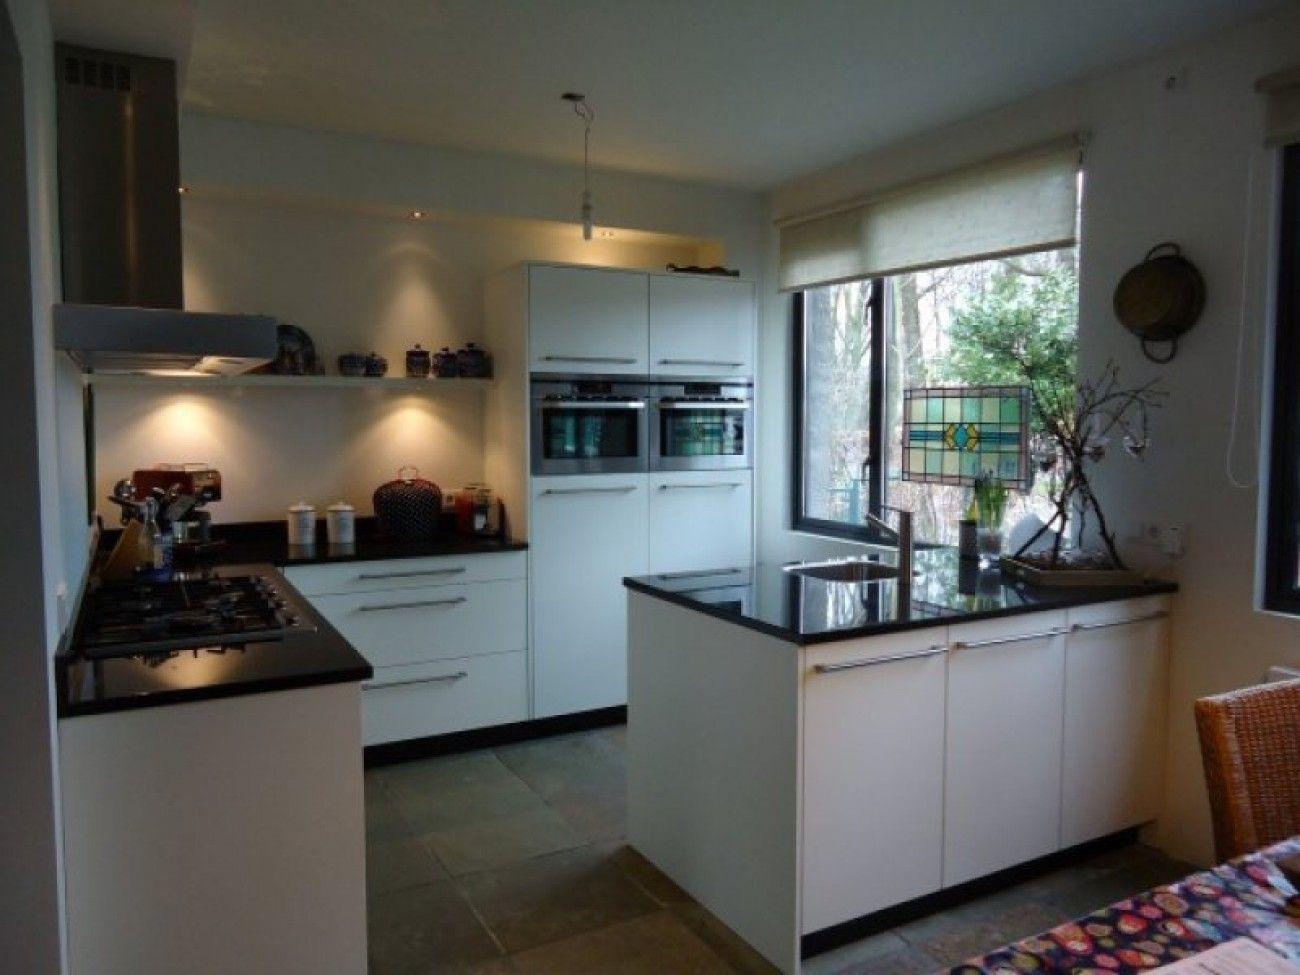 Ideeen Keuken Kleine : Idee voor keuken indeling keuken cocinas